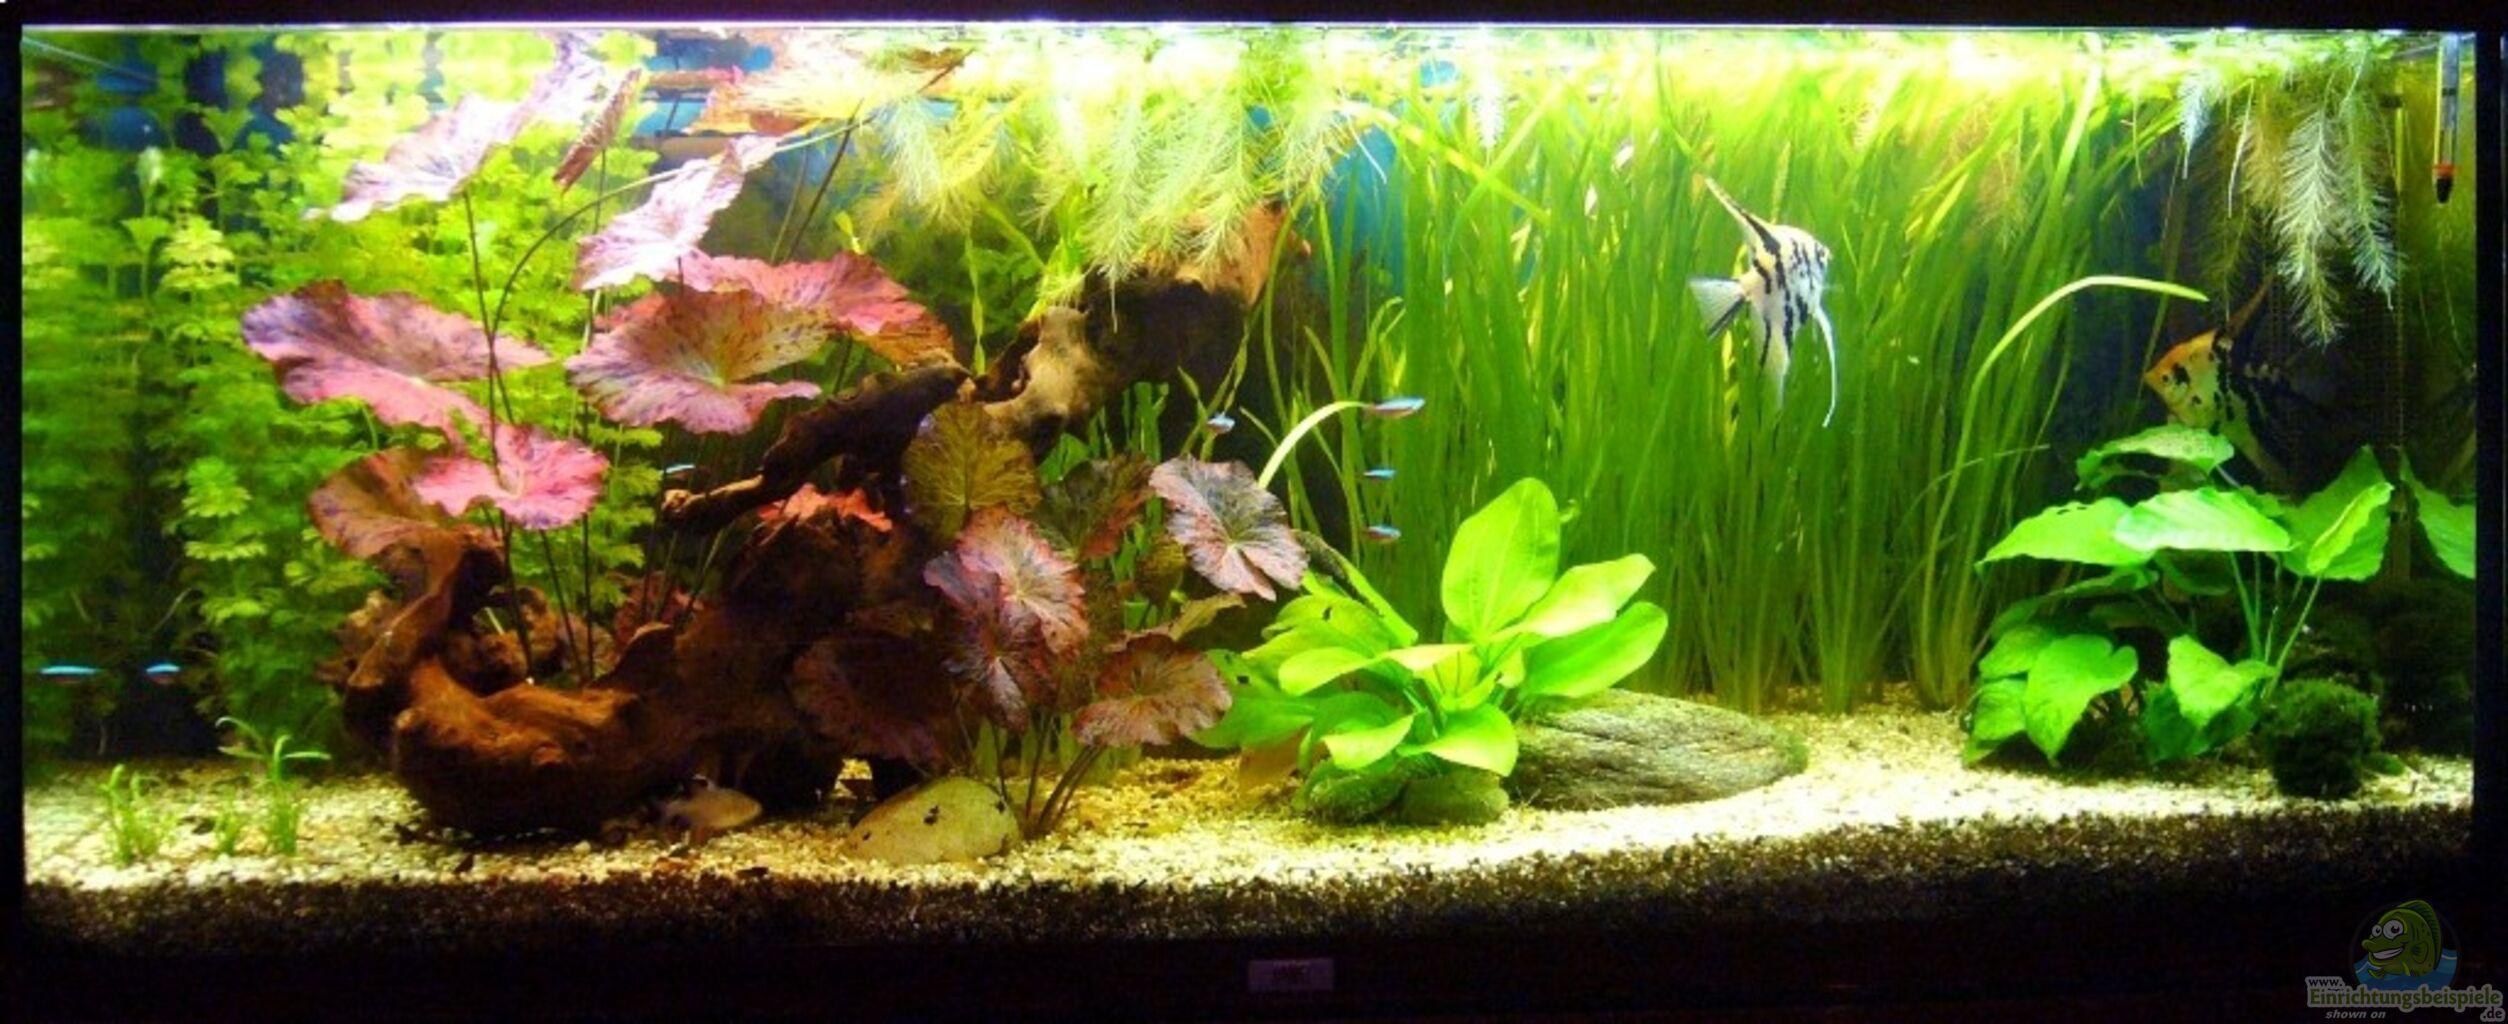 aquarium von kim gesellschaftsbecken mit skalare. Black Bedroom Furniture Sets. Home Design Ideas